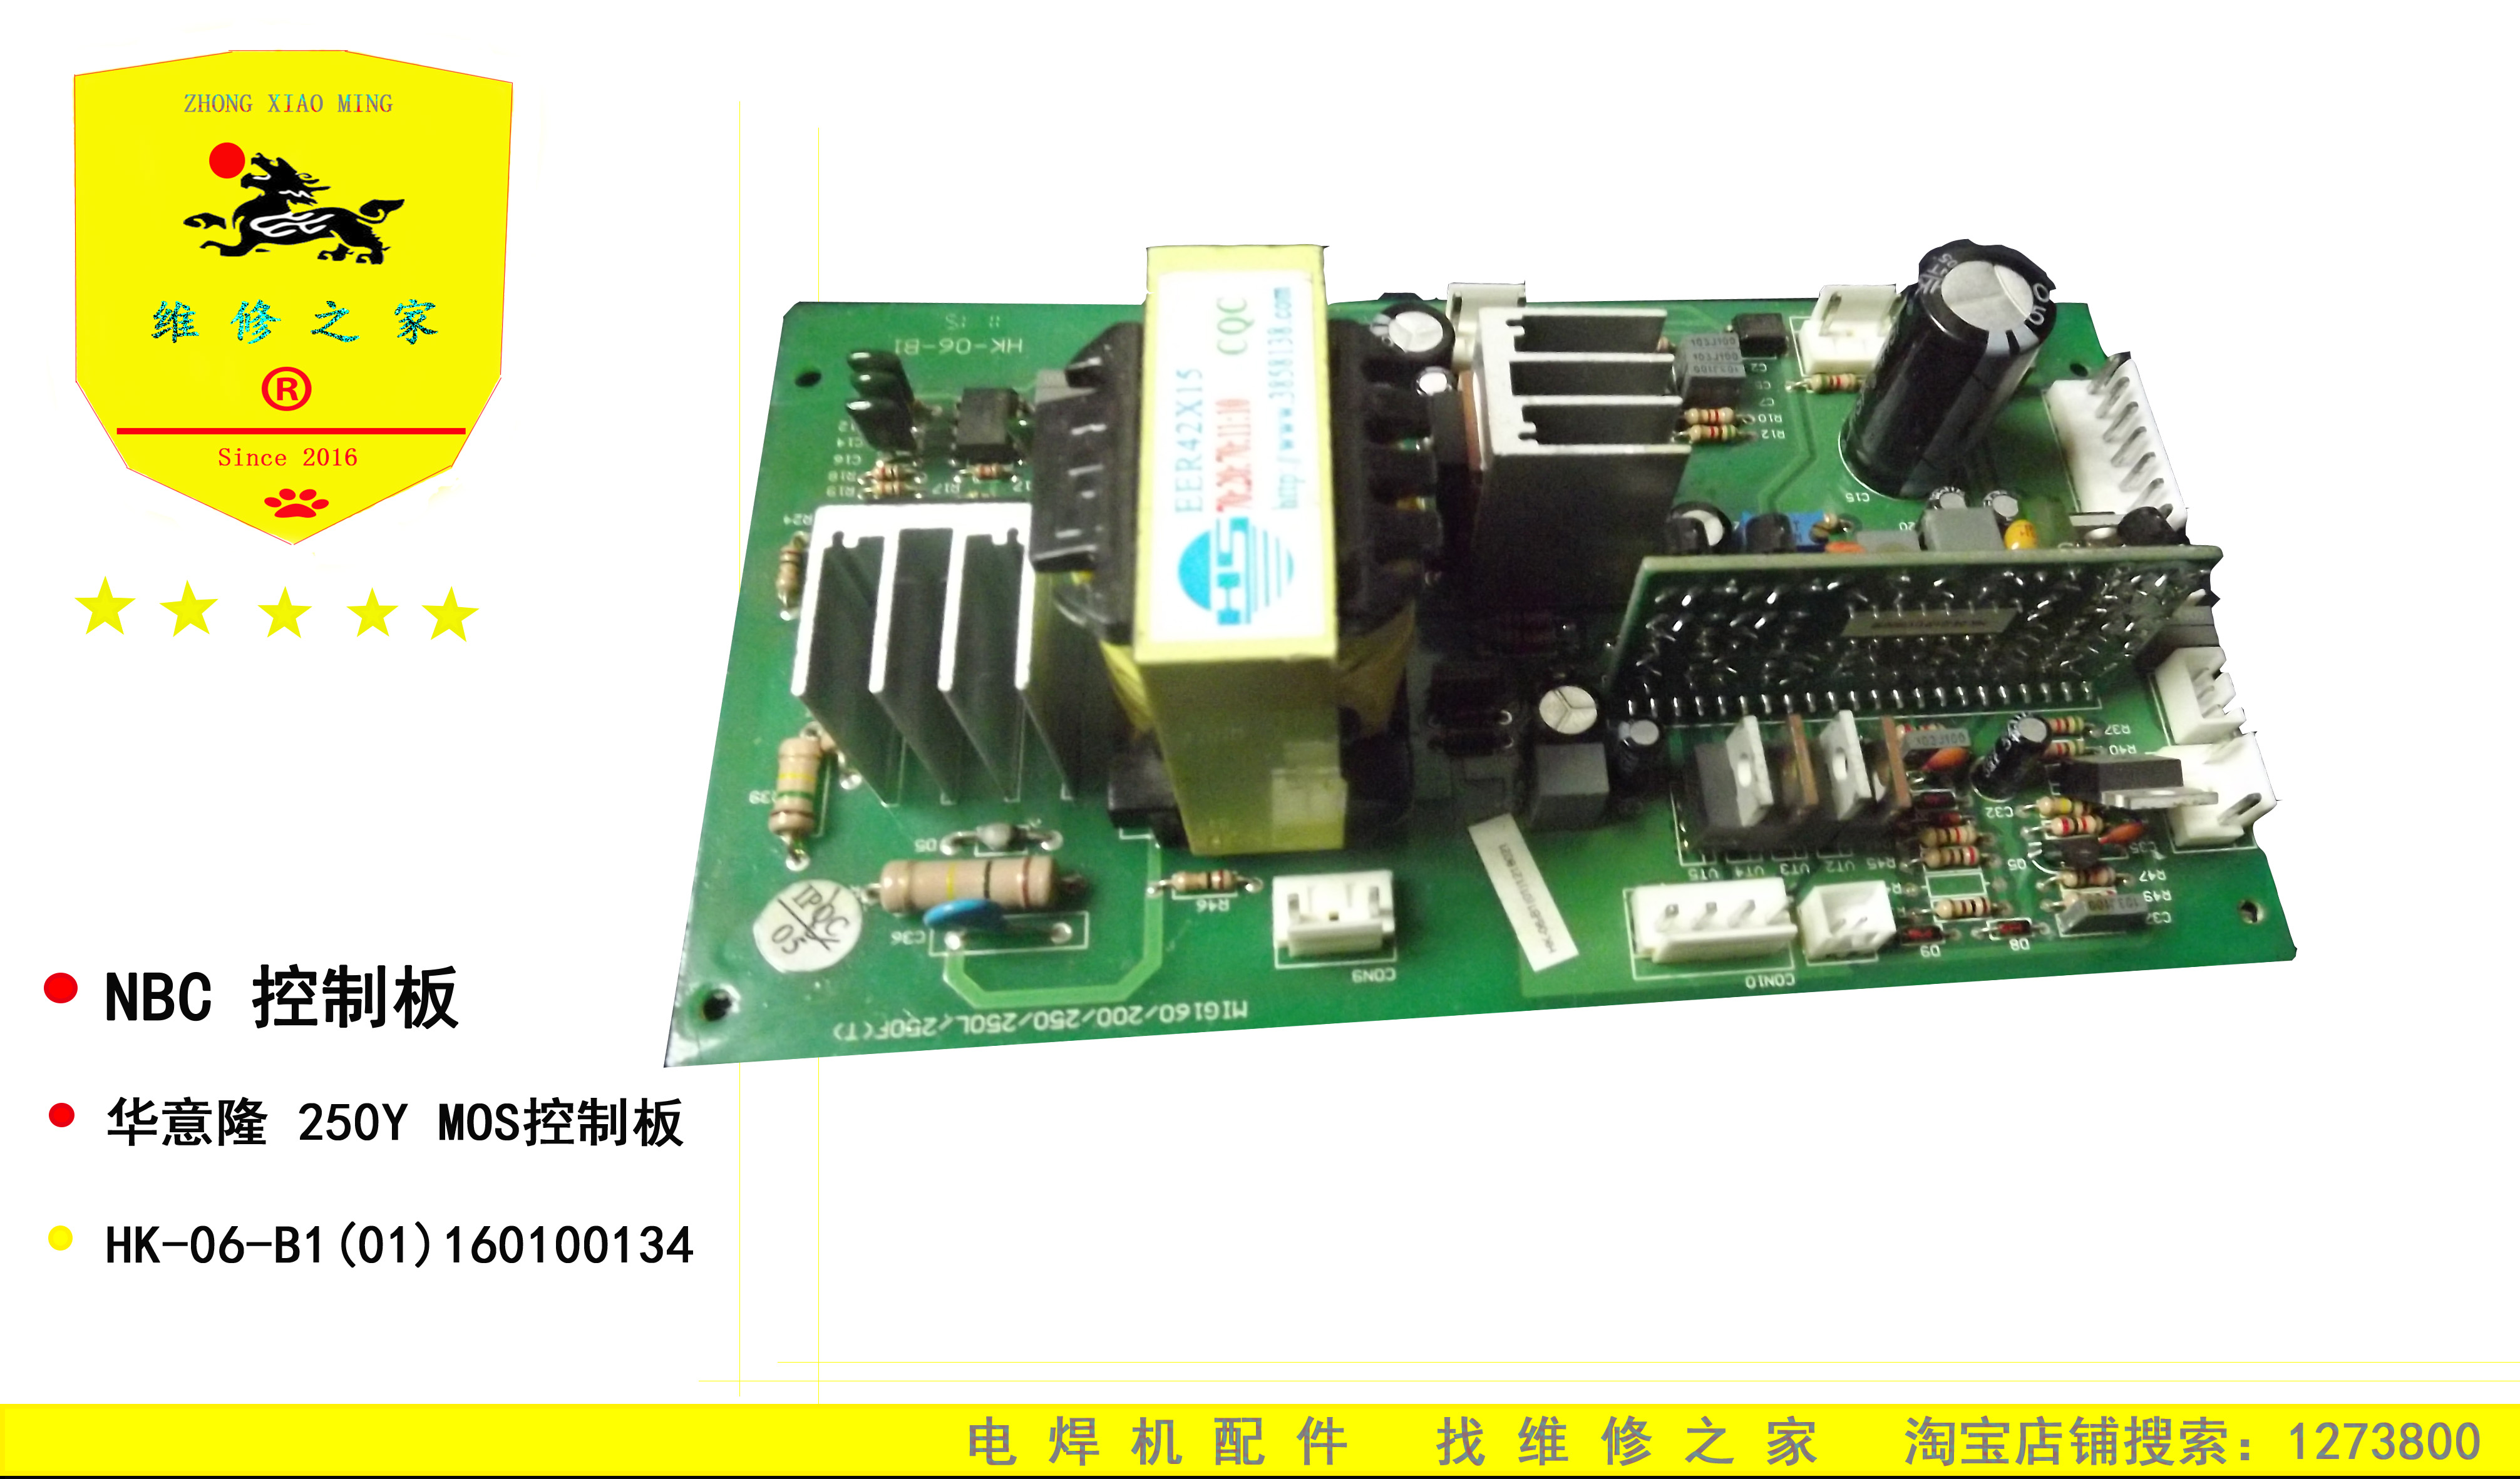 Длинные Ruiling Кристи Huayi прыгать панели управления NB-250 миг-200/250Y/Л